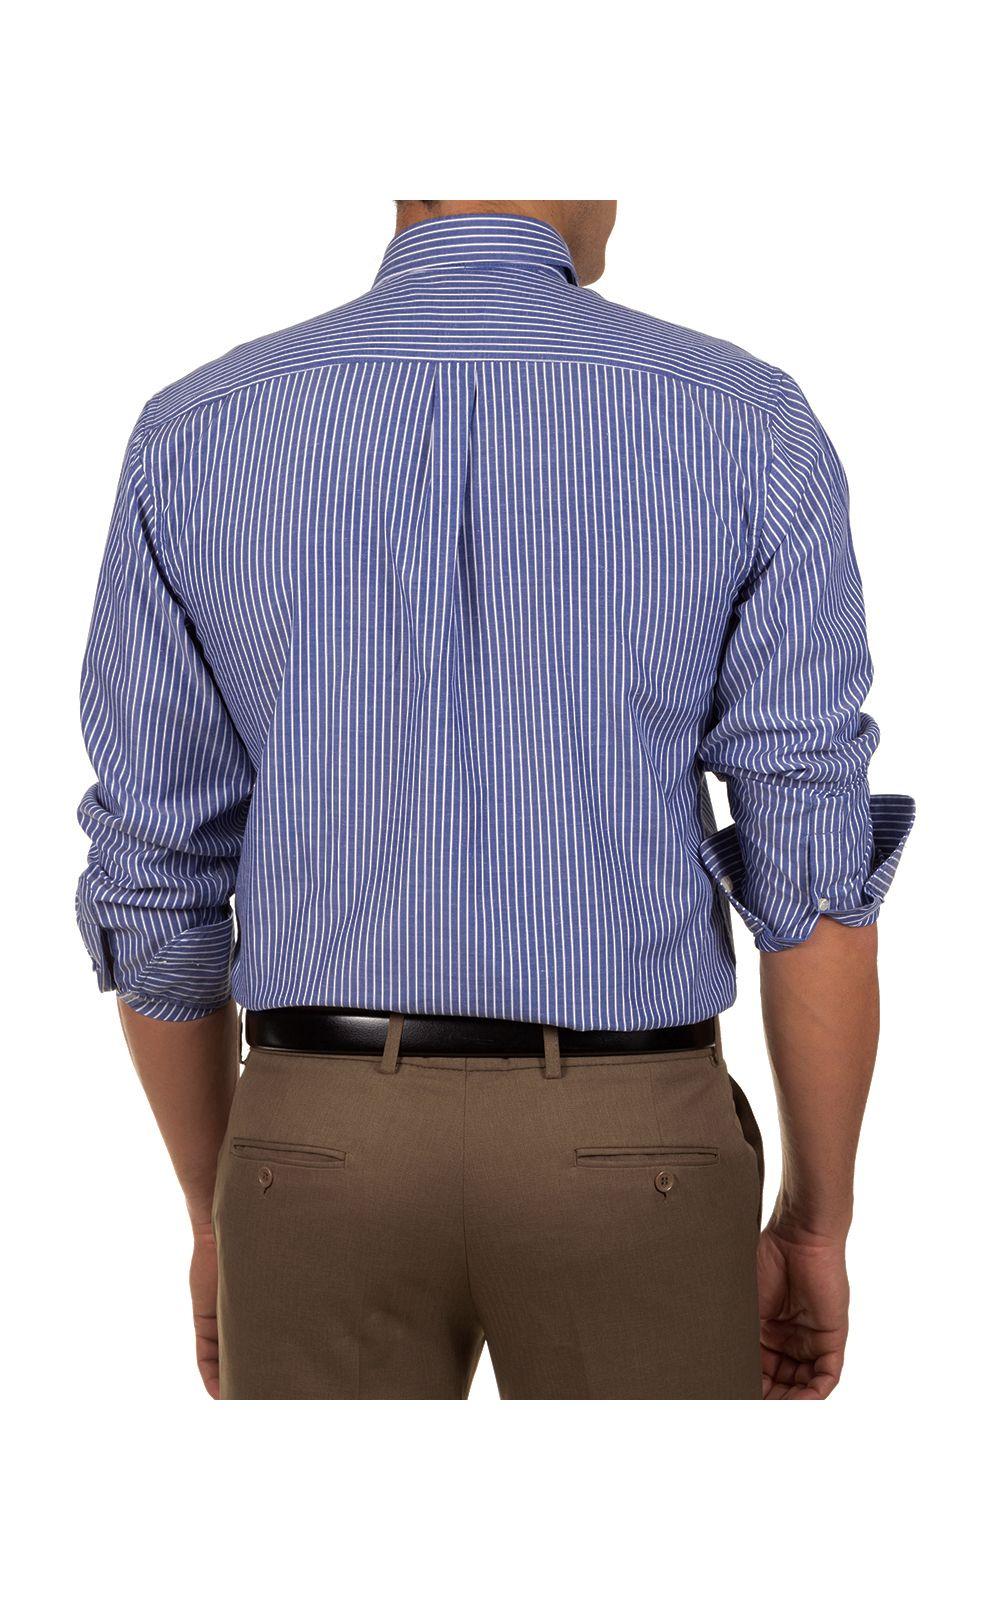 Foto 2 - Camisa Social Masculina Azul Escuro Listrada